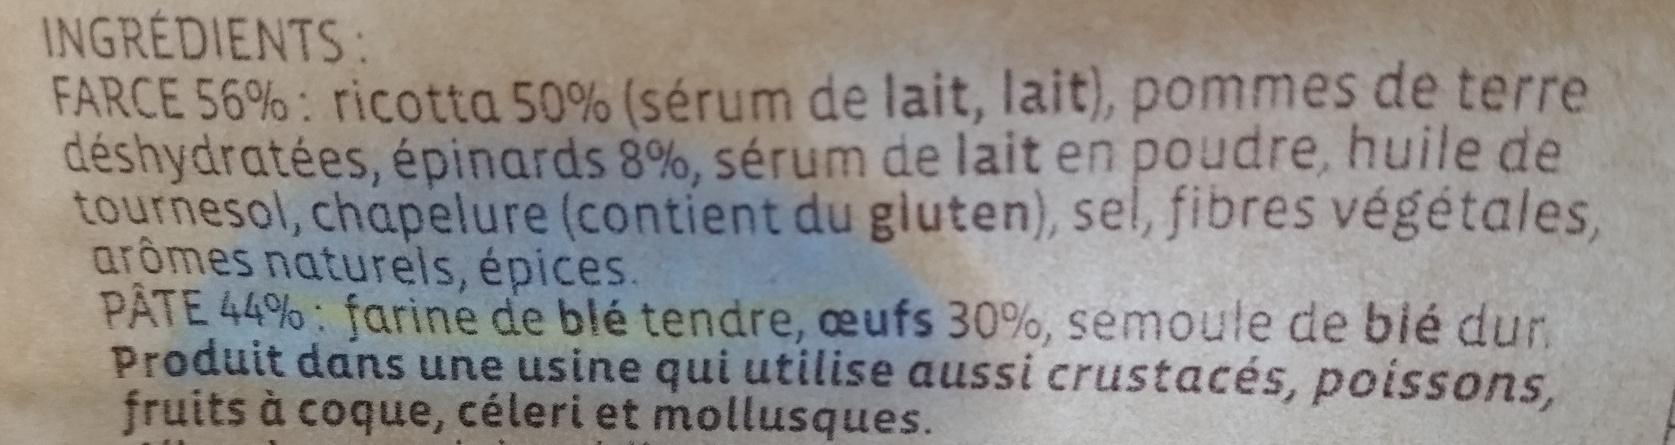 Tortellini Ricotta & Epinards +20% gratuit - Ingredients - fr